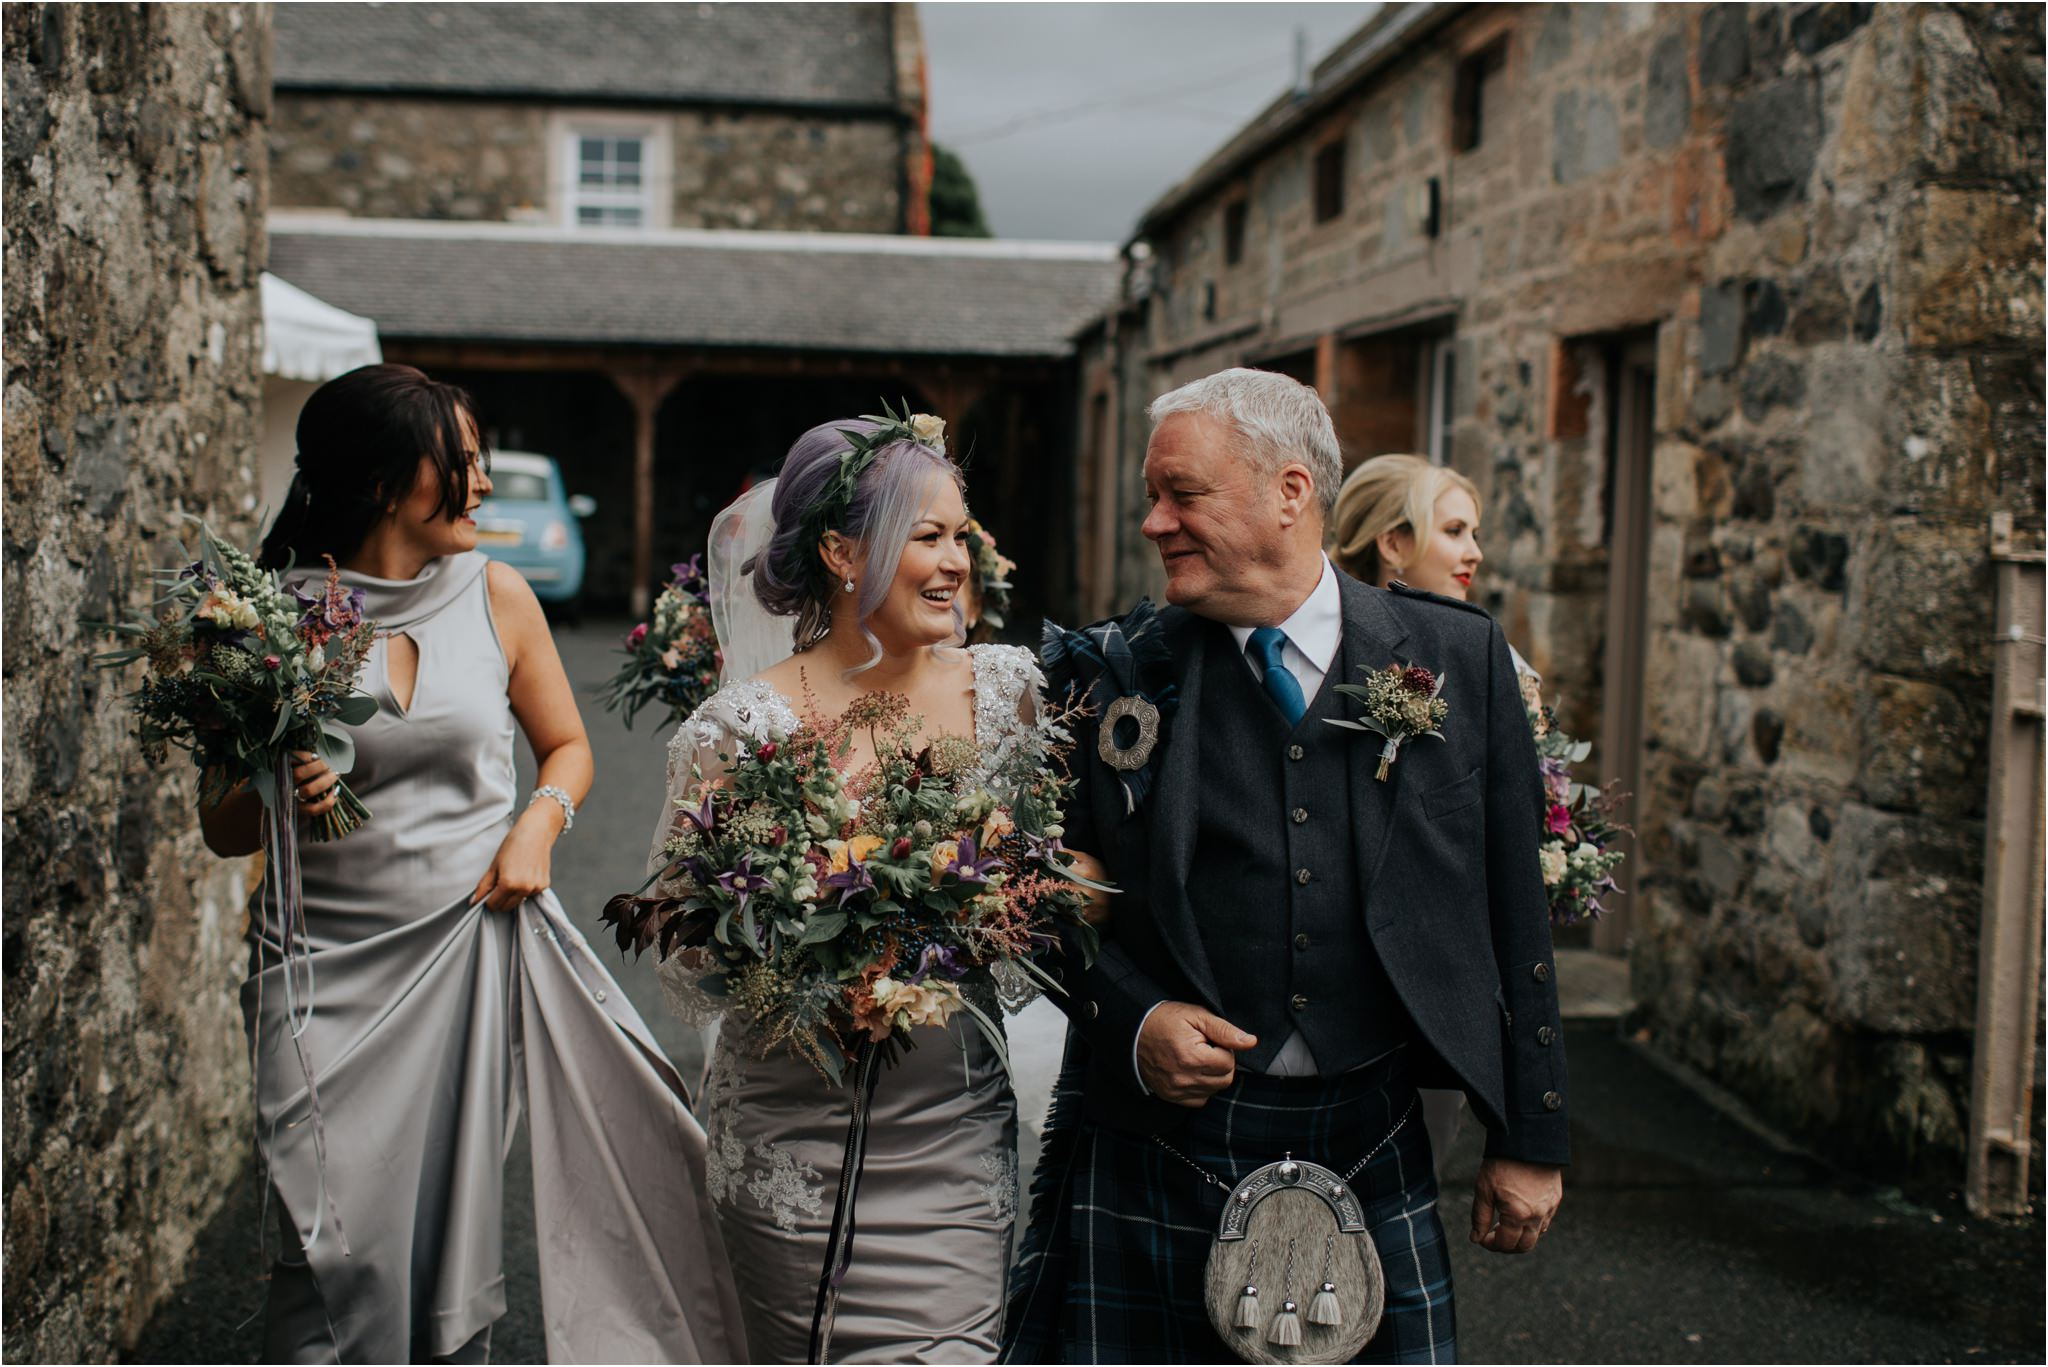 Photography 78 - Glasgow Wedding Photographer - Pete & Eilidh - Dalduff Farm_0033.jpg